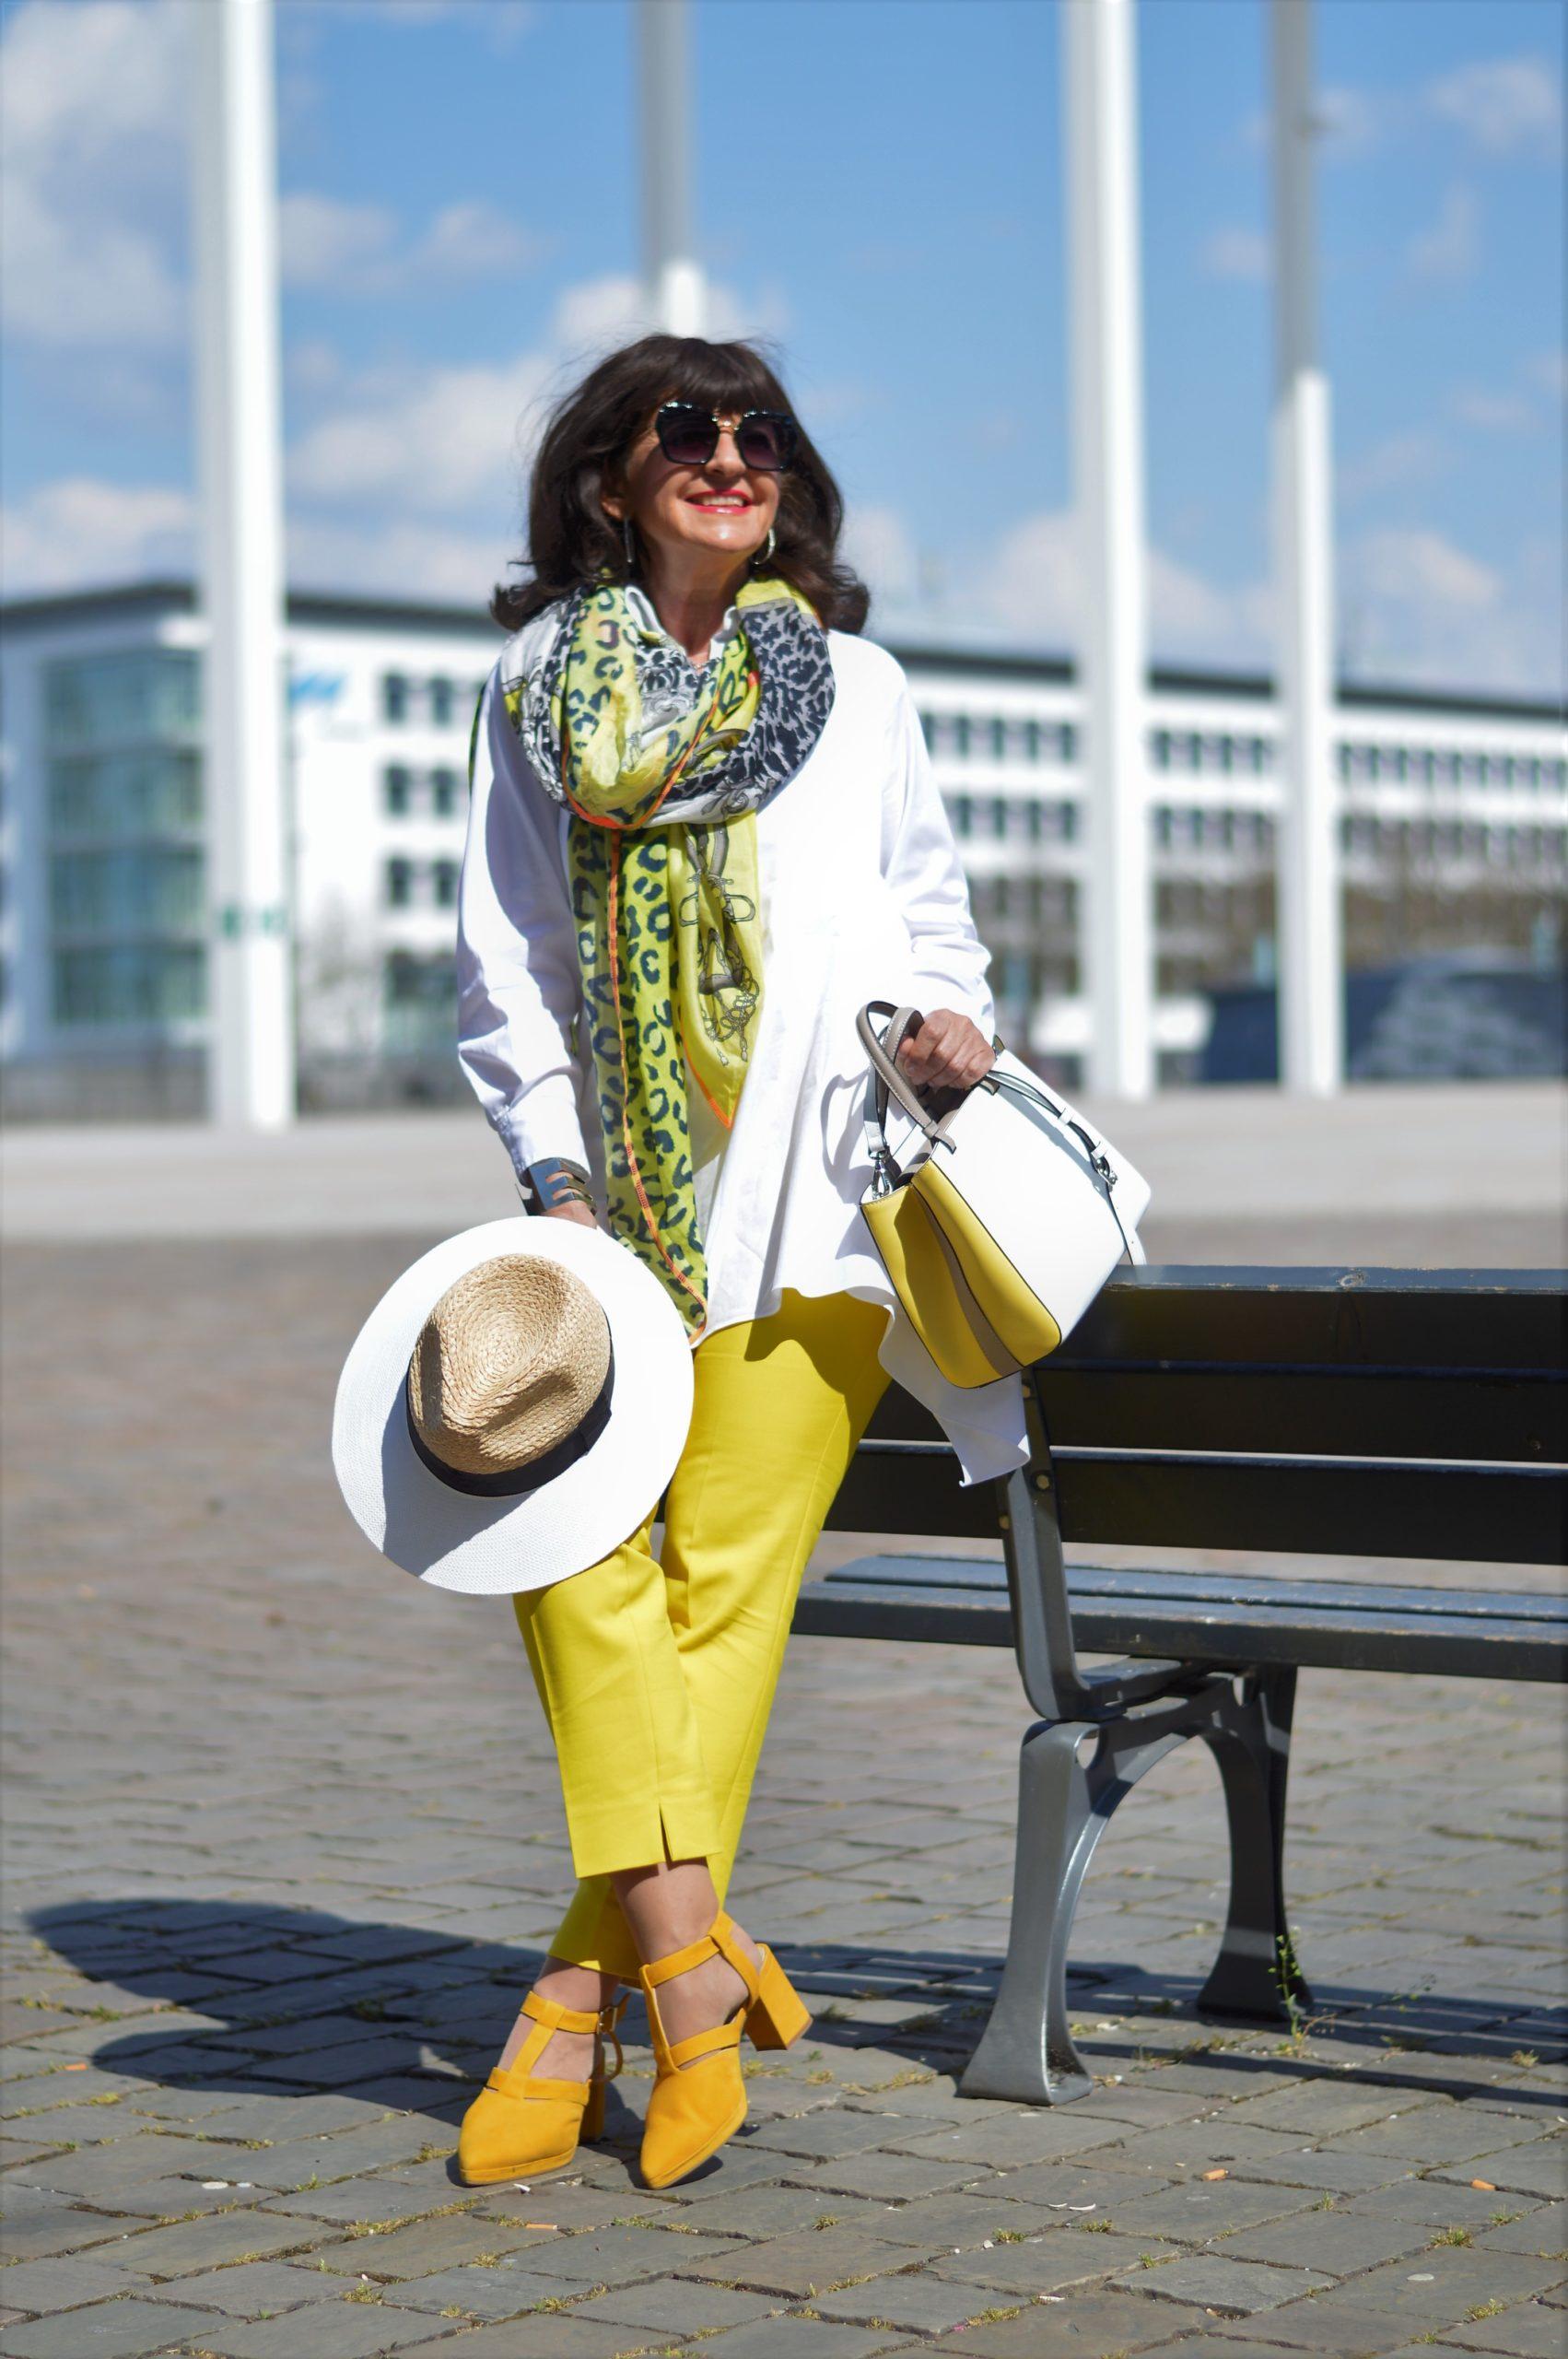 farbberatung: welcher typ kann gelb tragen? - martina berg